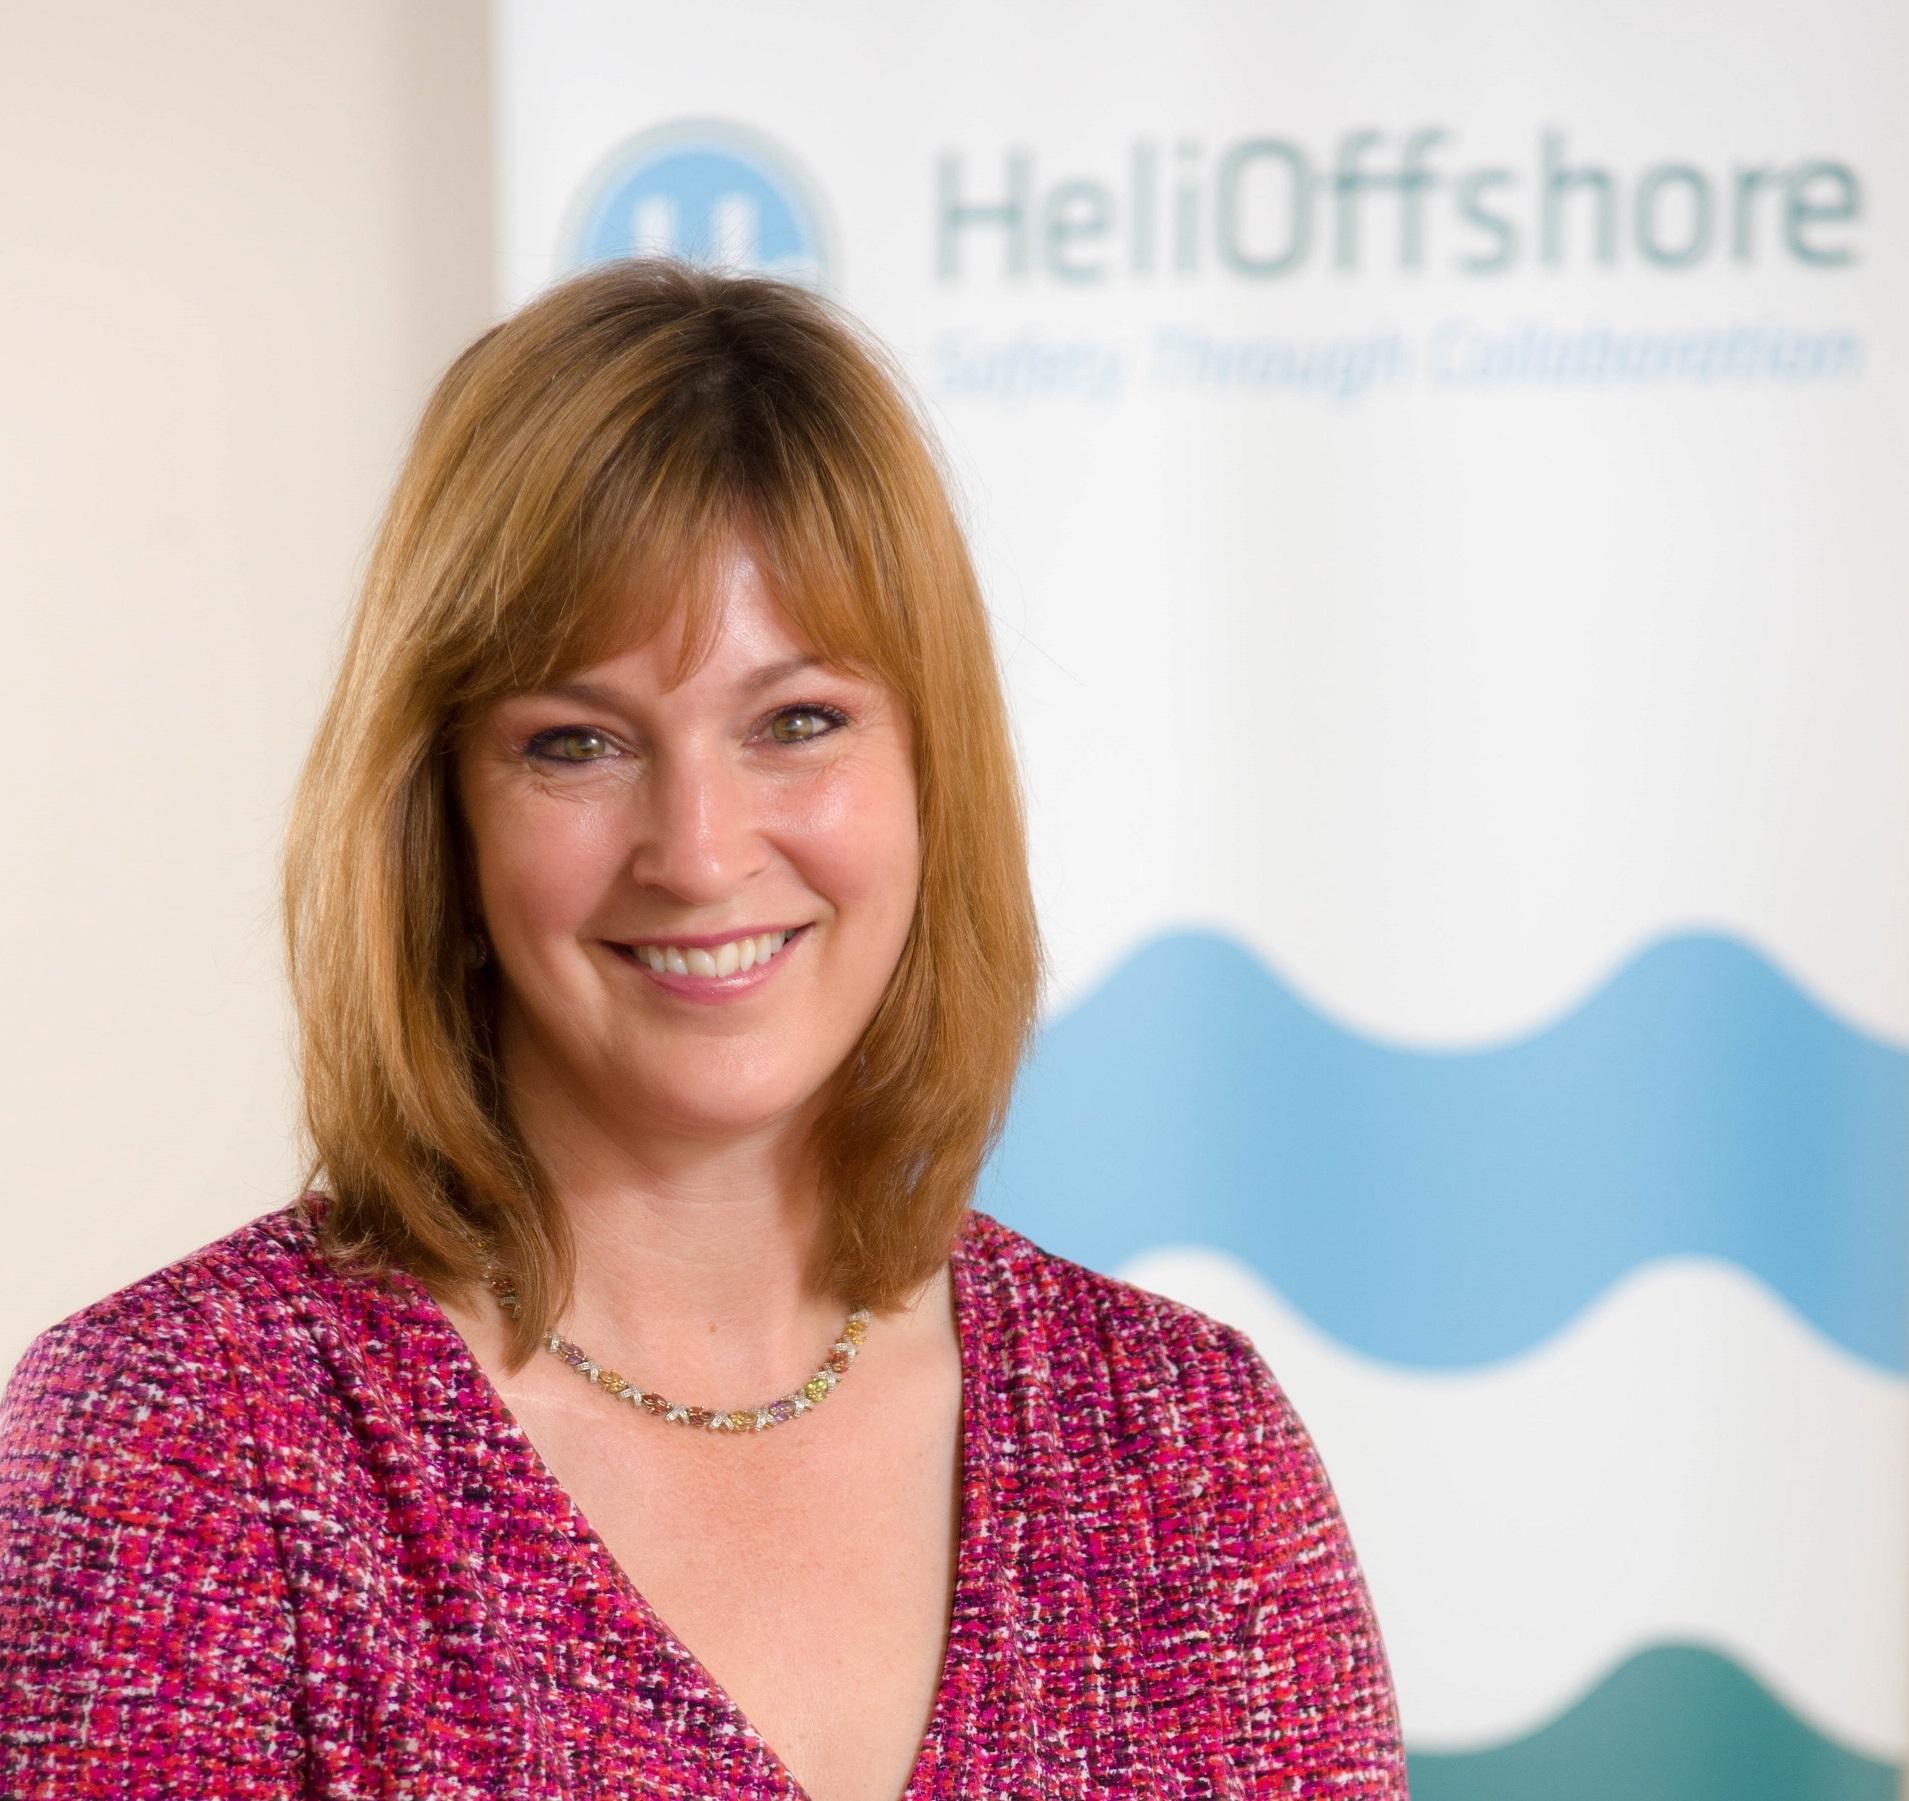 HeliOffshore's Gretchen Haskins